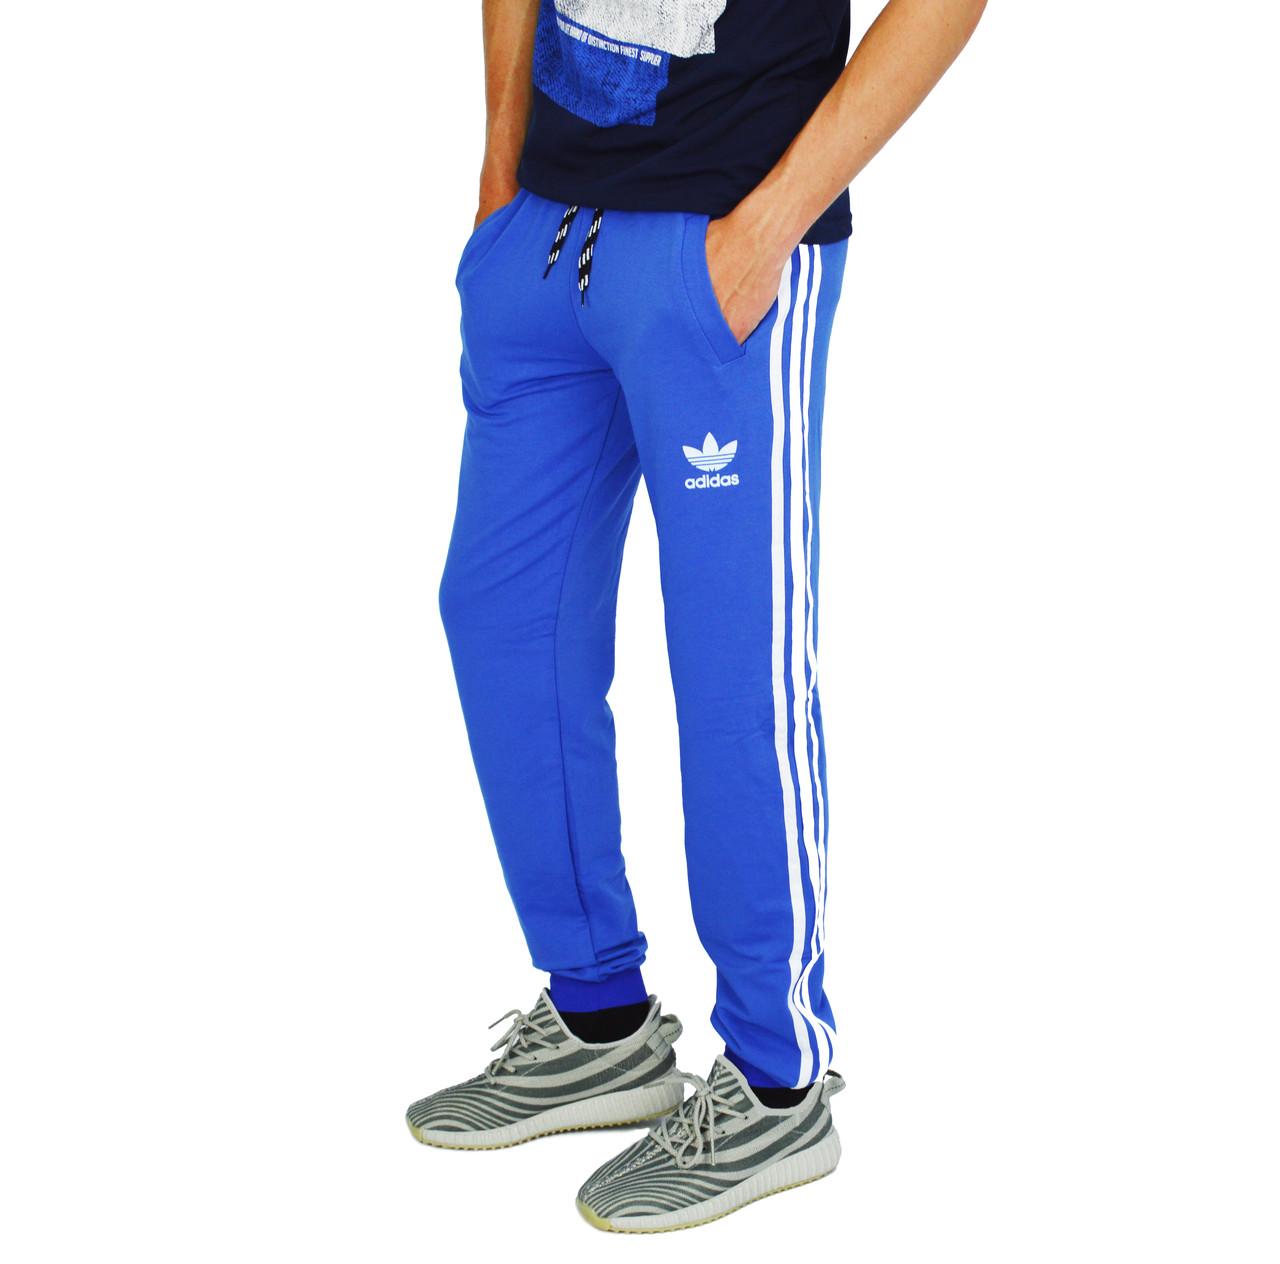 32184c8d Ярко-Синие мужские спортивные трикотажные штаны с манжетами ADIDAS -